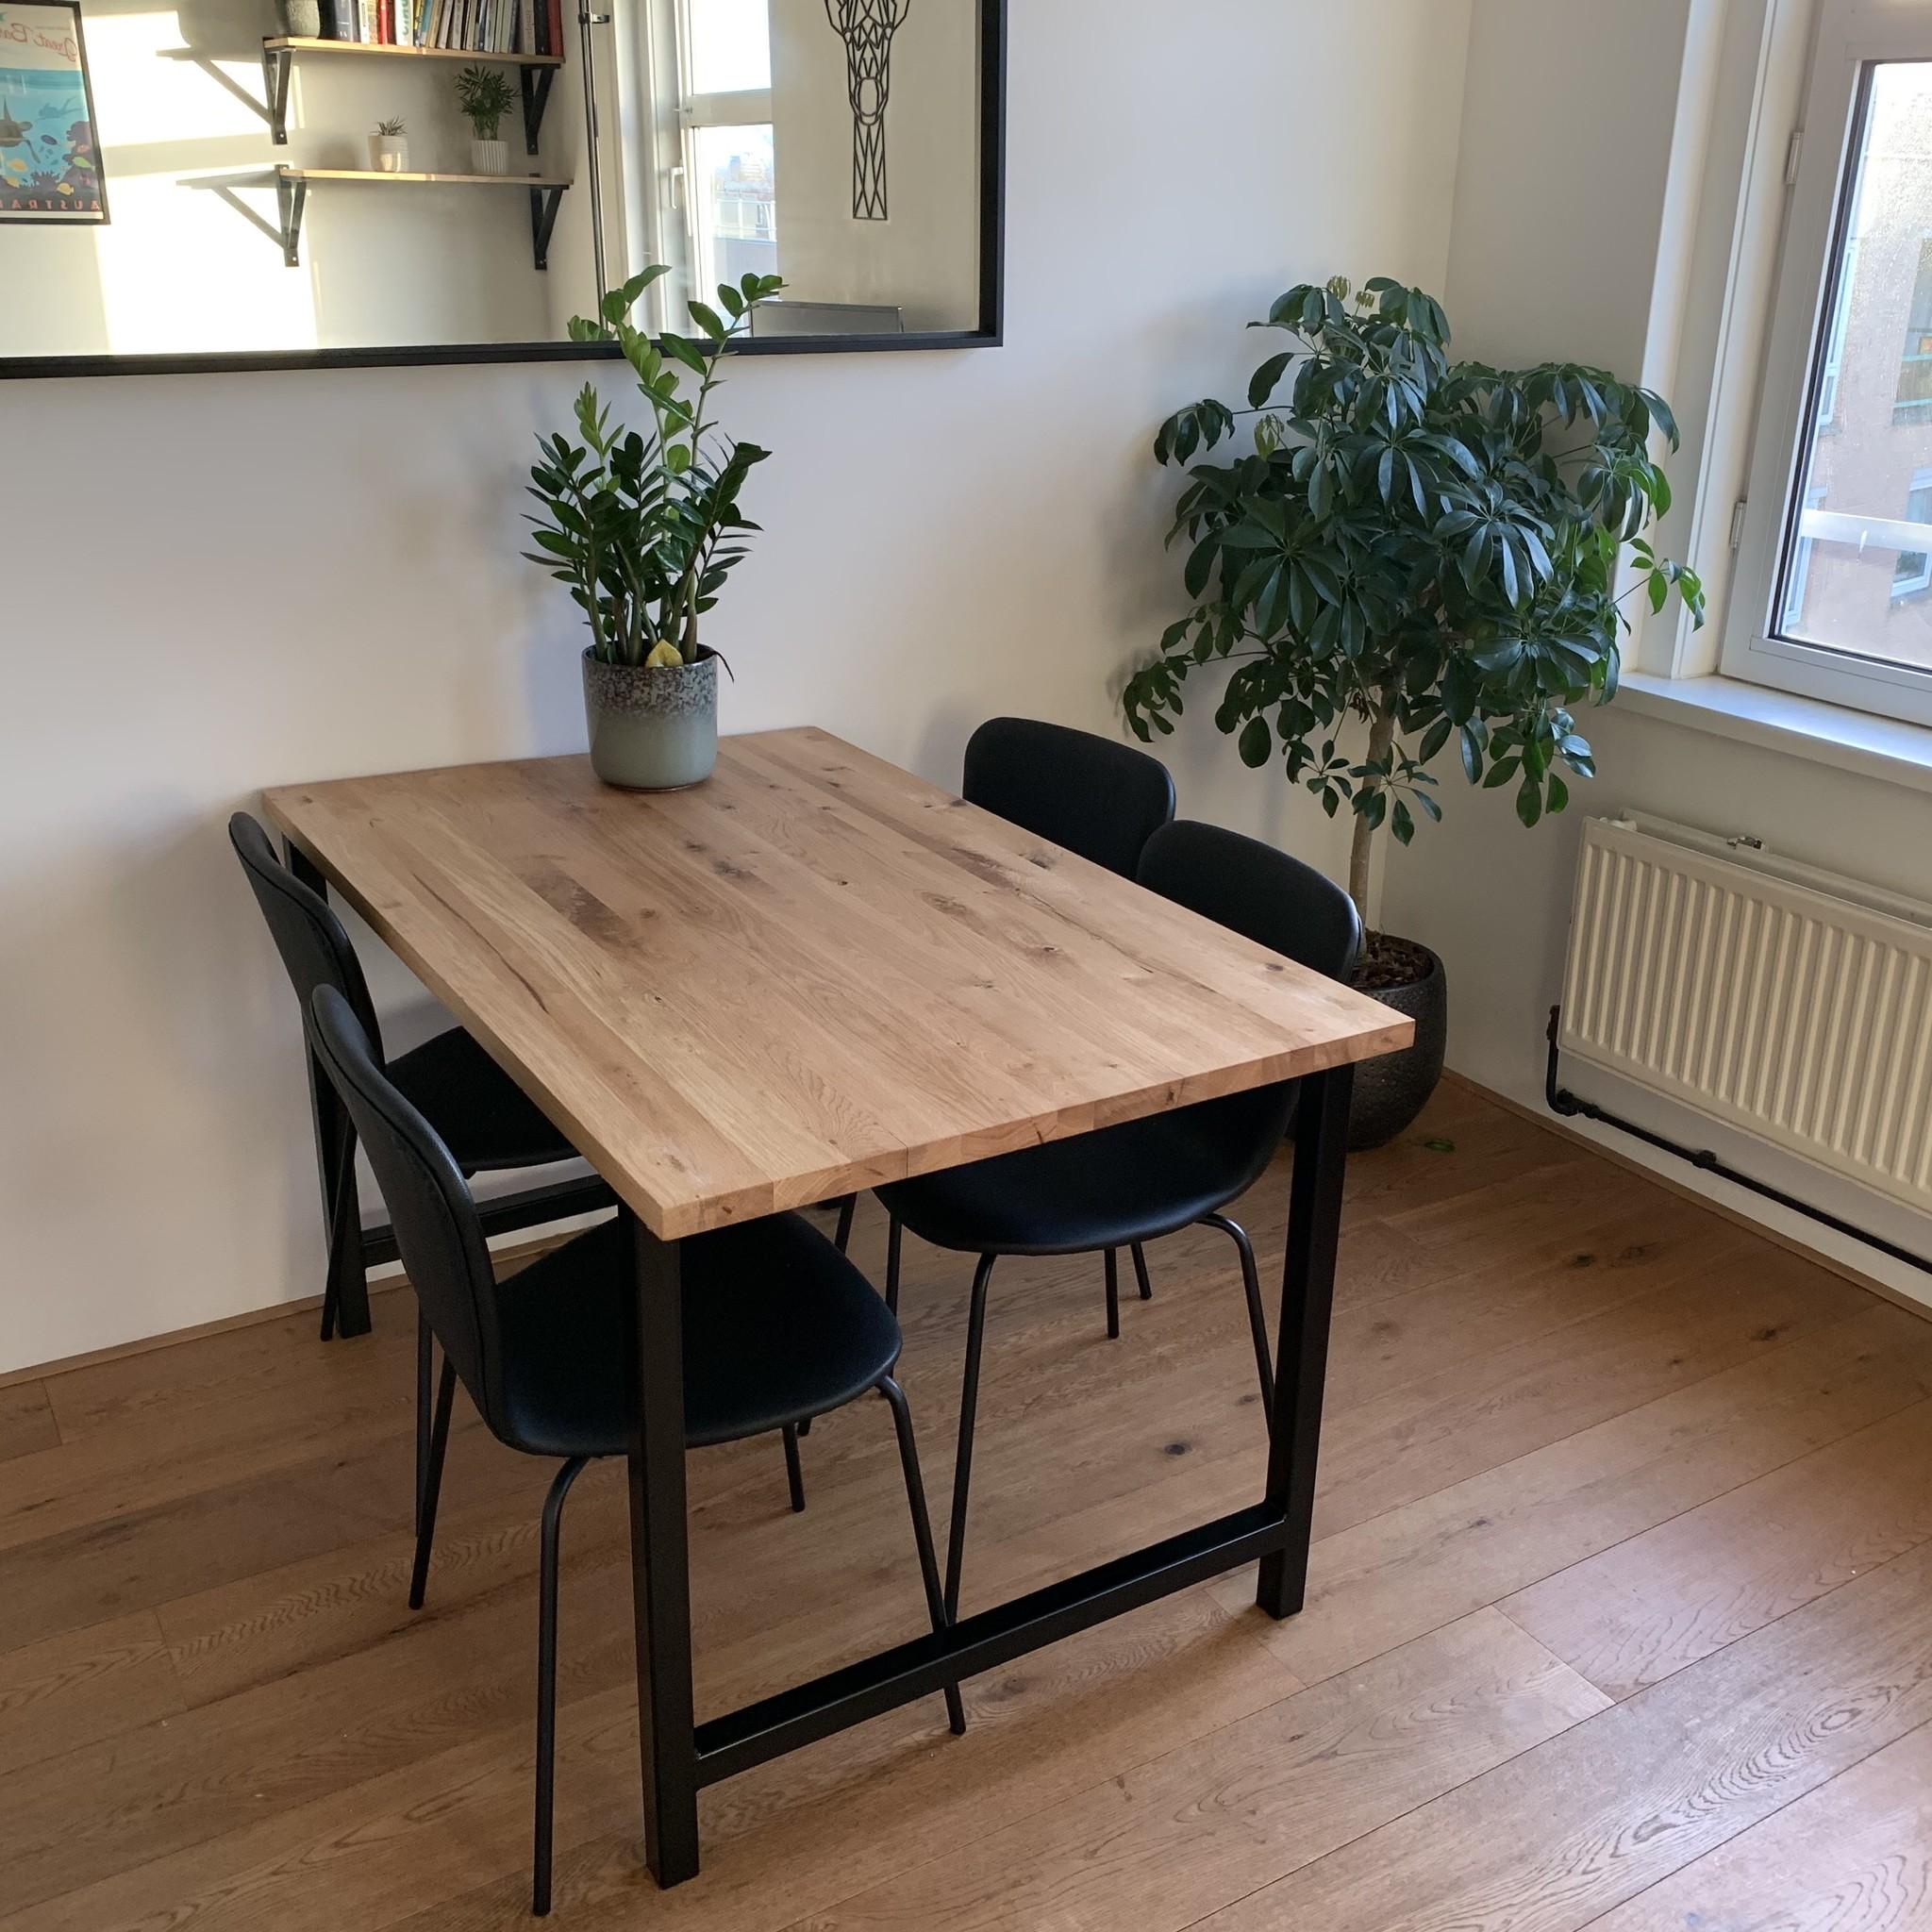 Eiken tafelblad op maat - 2,5 cm dik (1-laag) - rustiek Europees eikenhout - verlijmd kd 8-12% - 50-120x50-300 cm